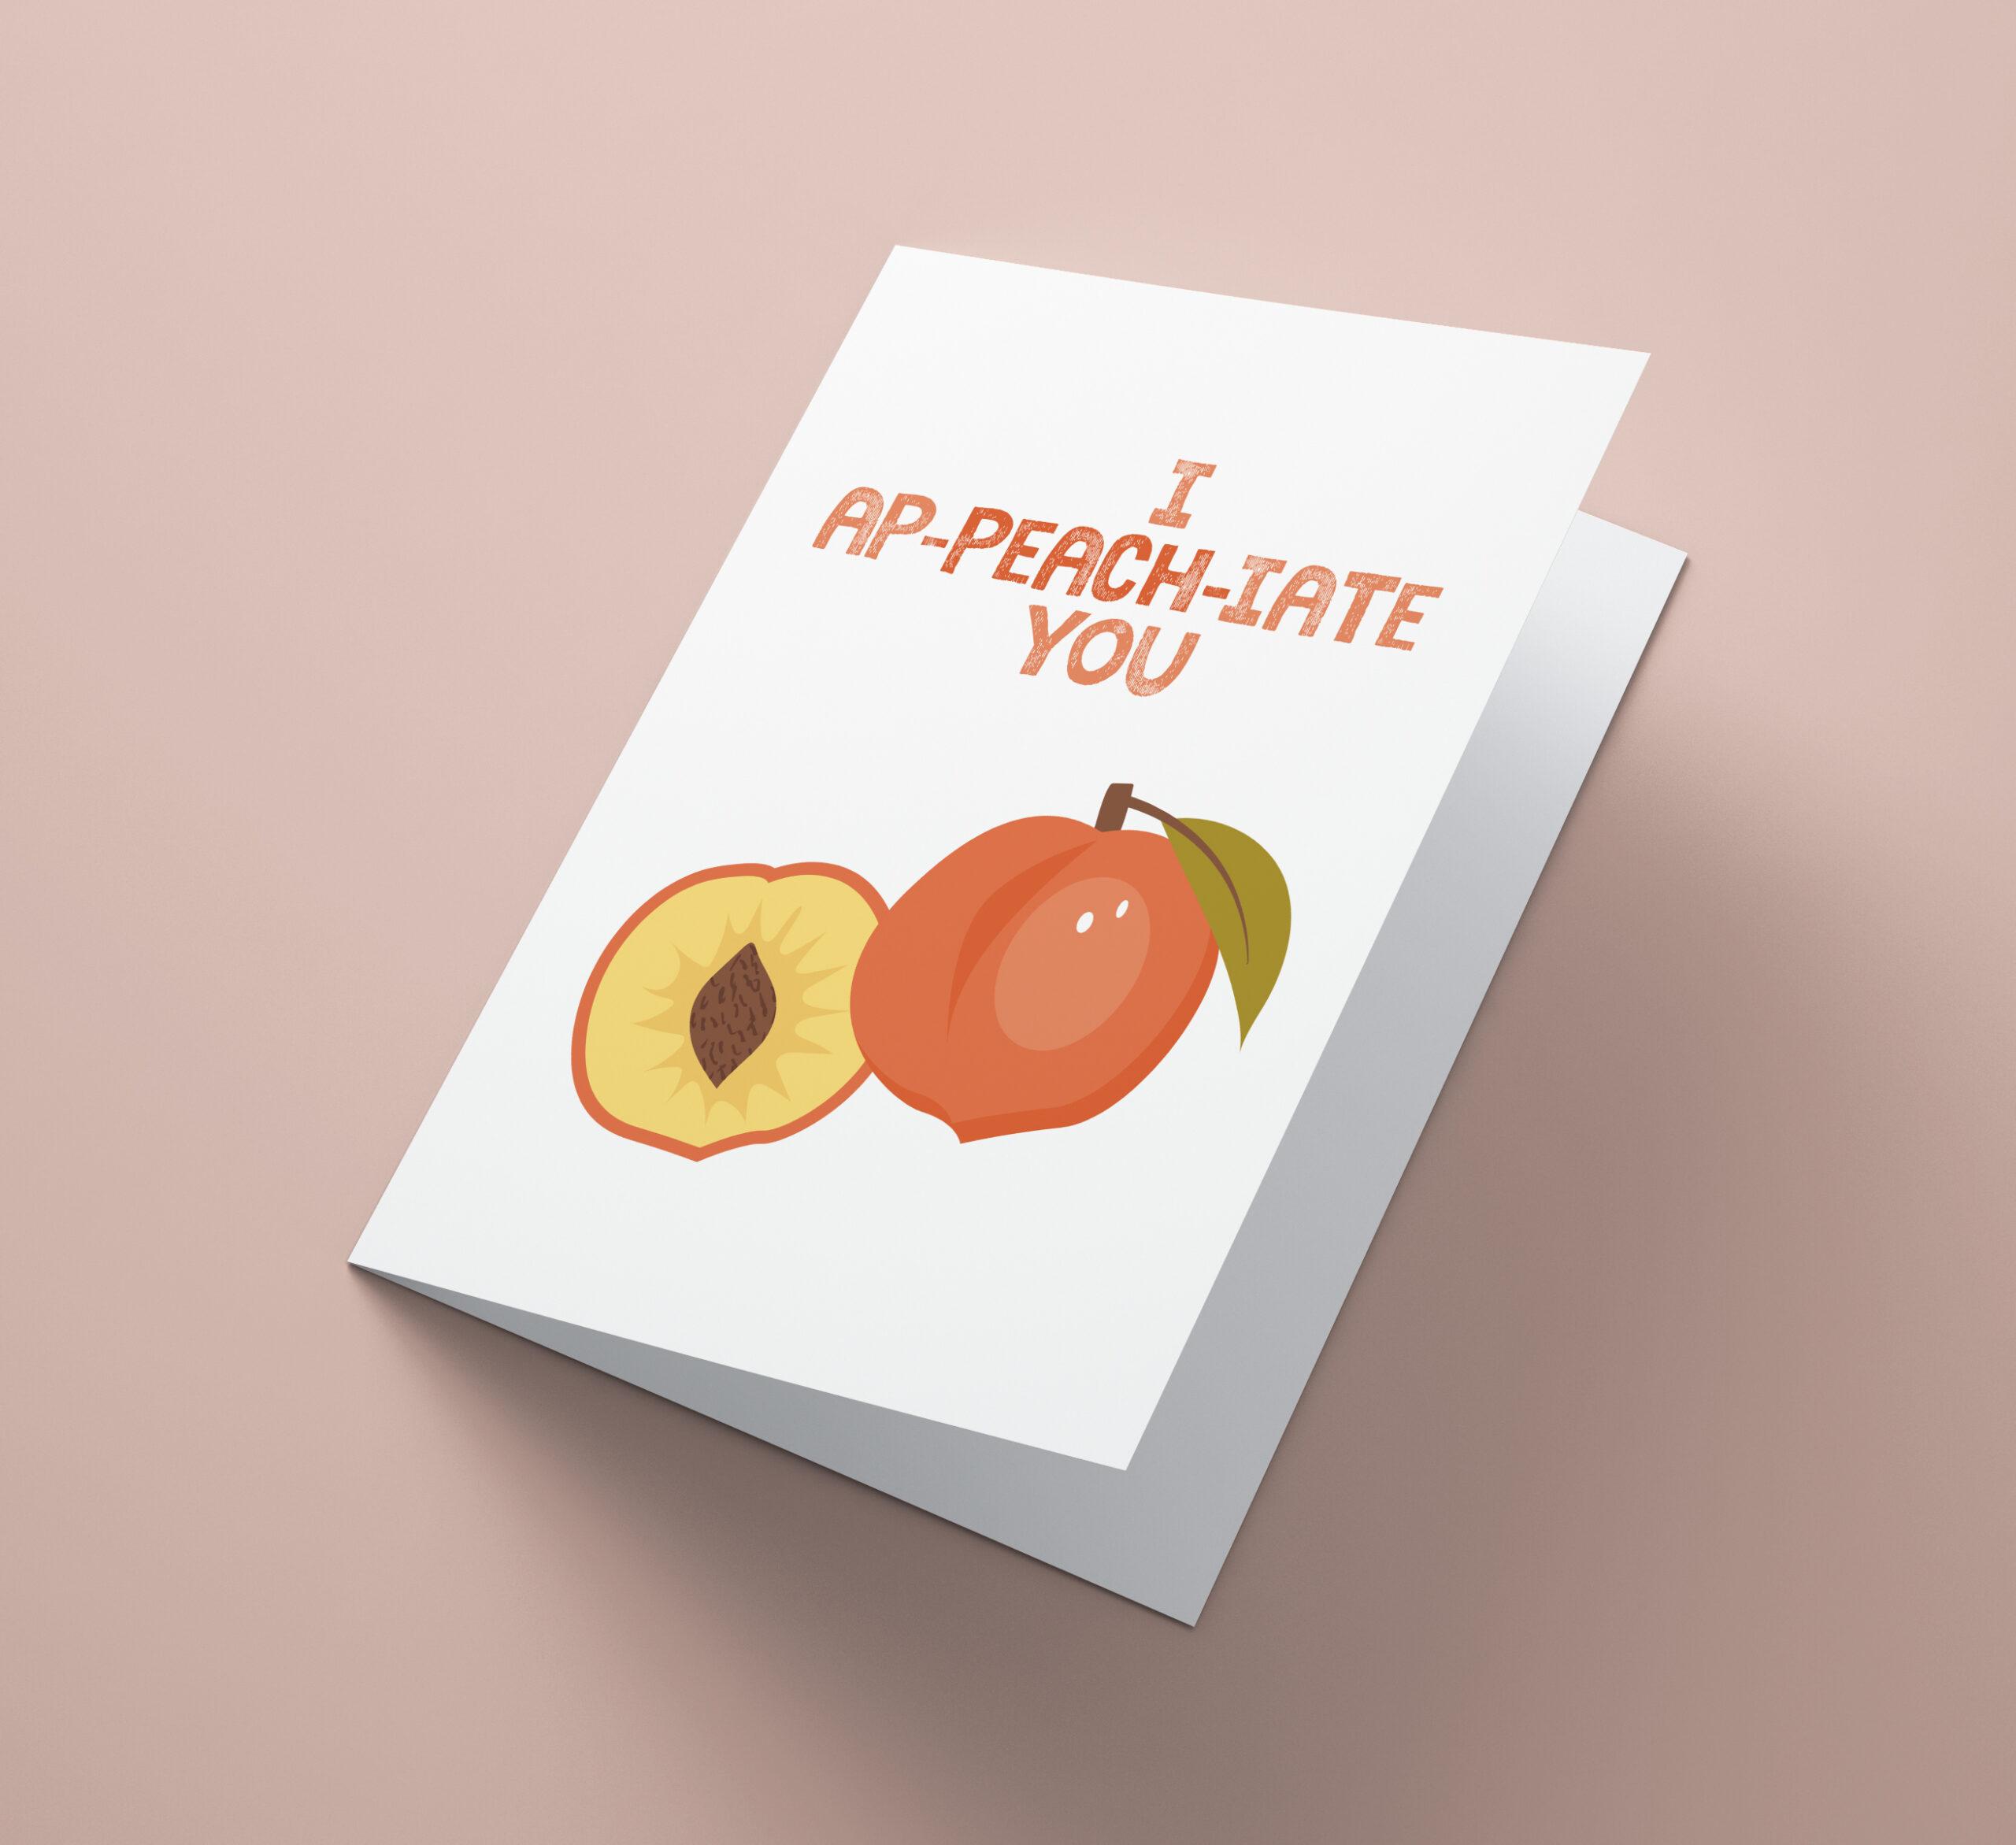 I Ap-peach-iate You